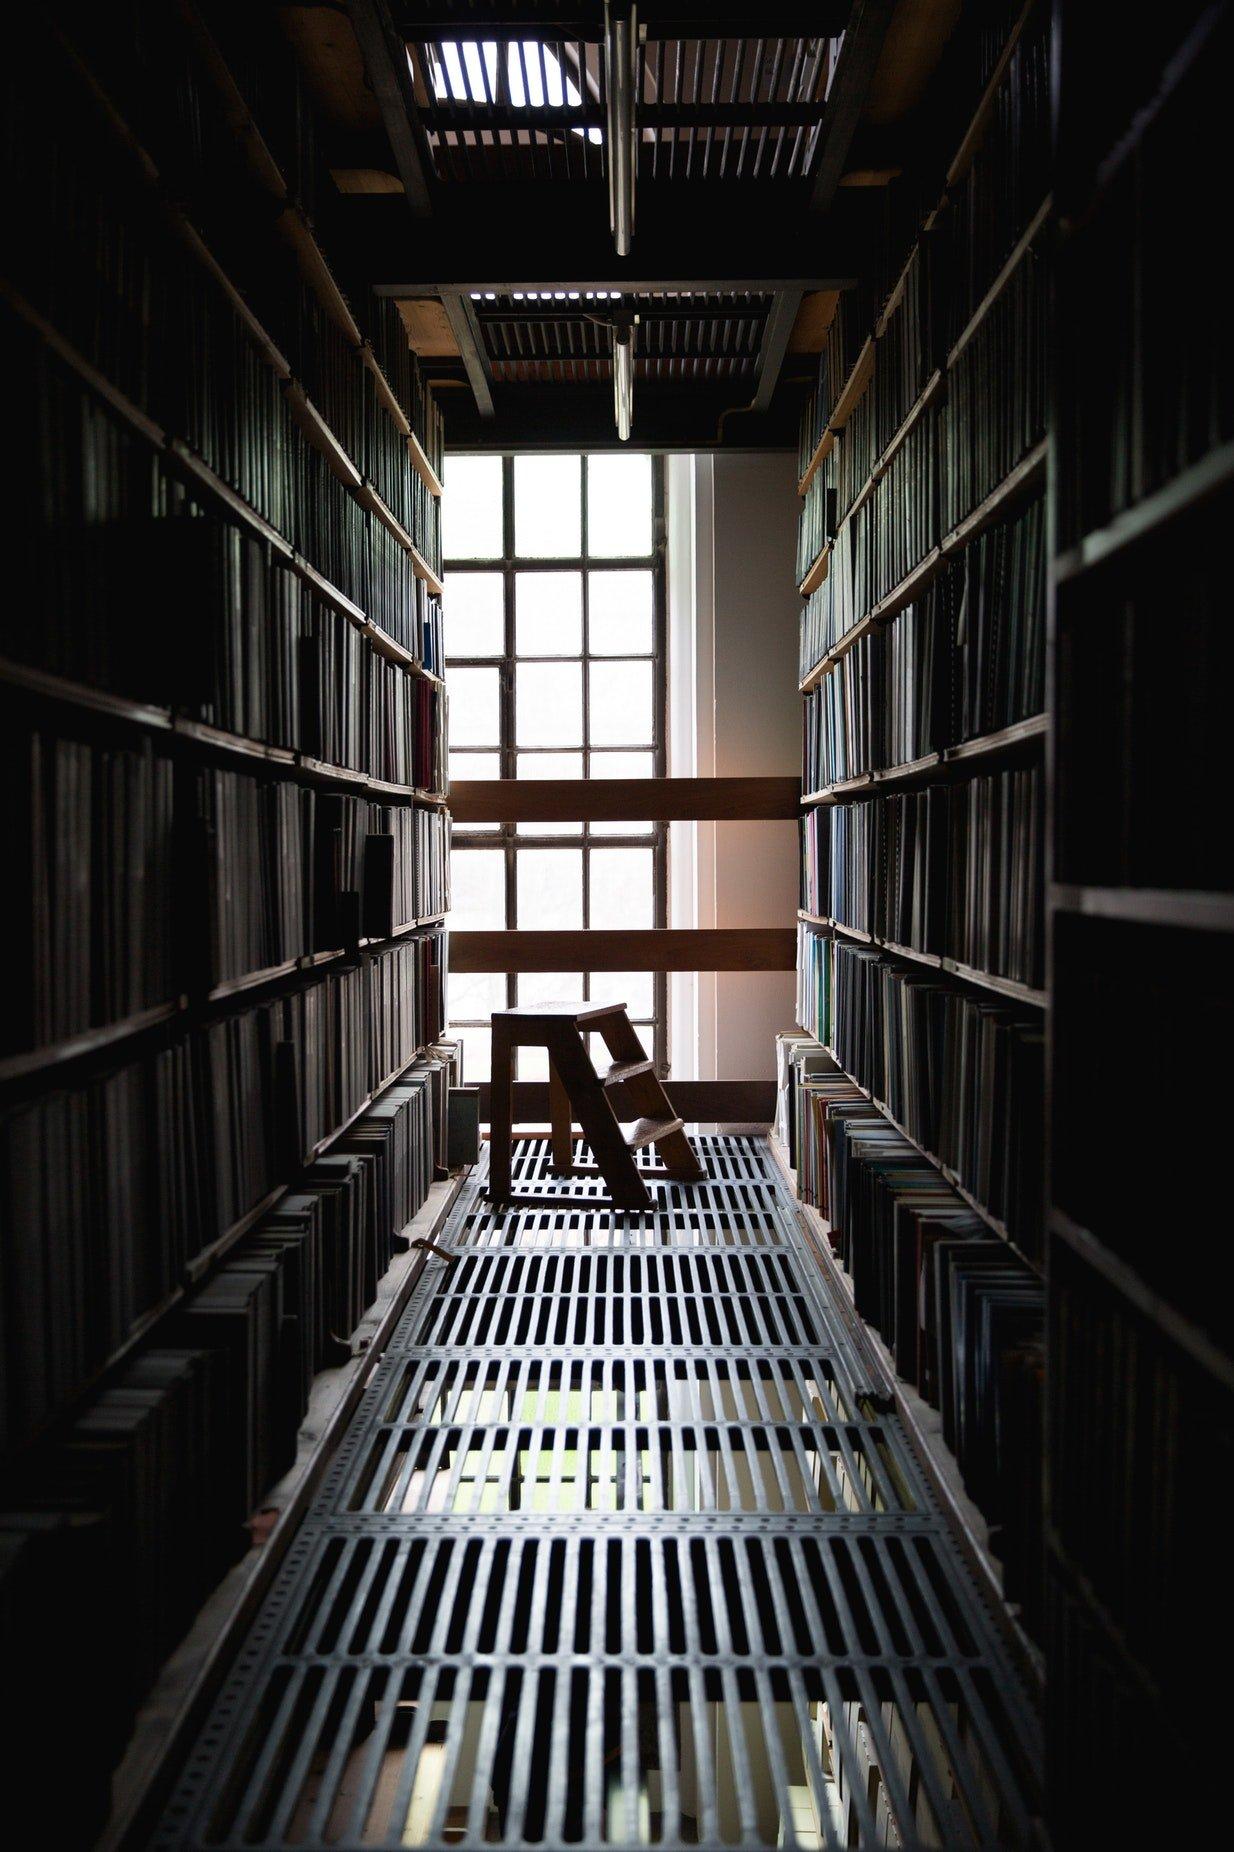 libreria-tragedia-depresiva